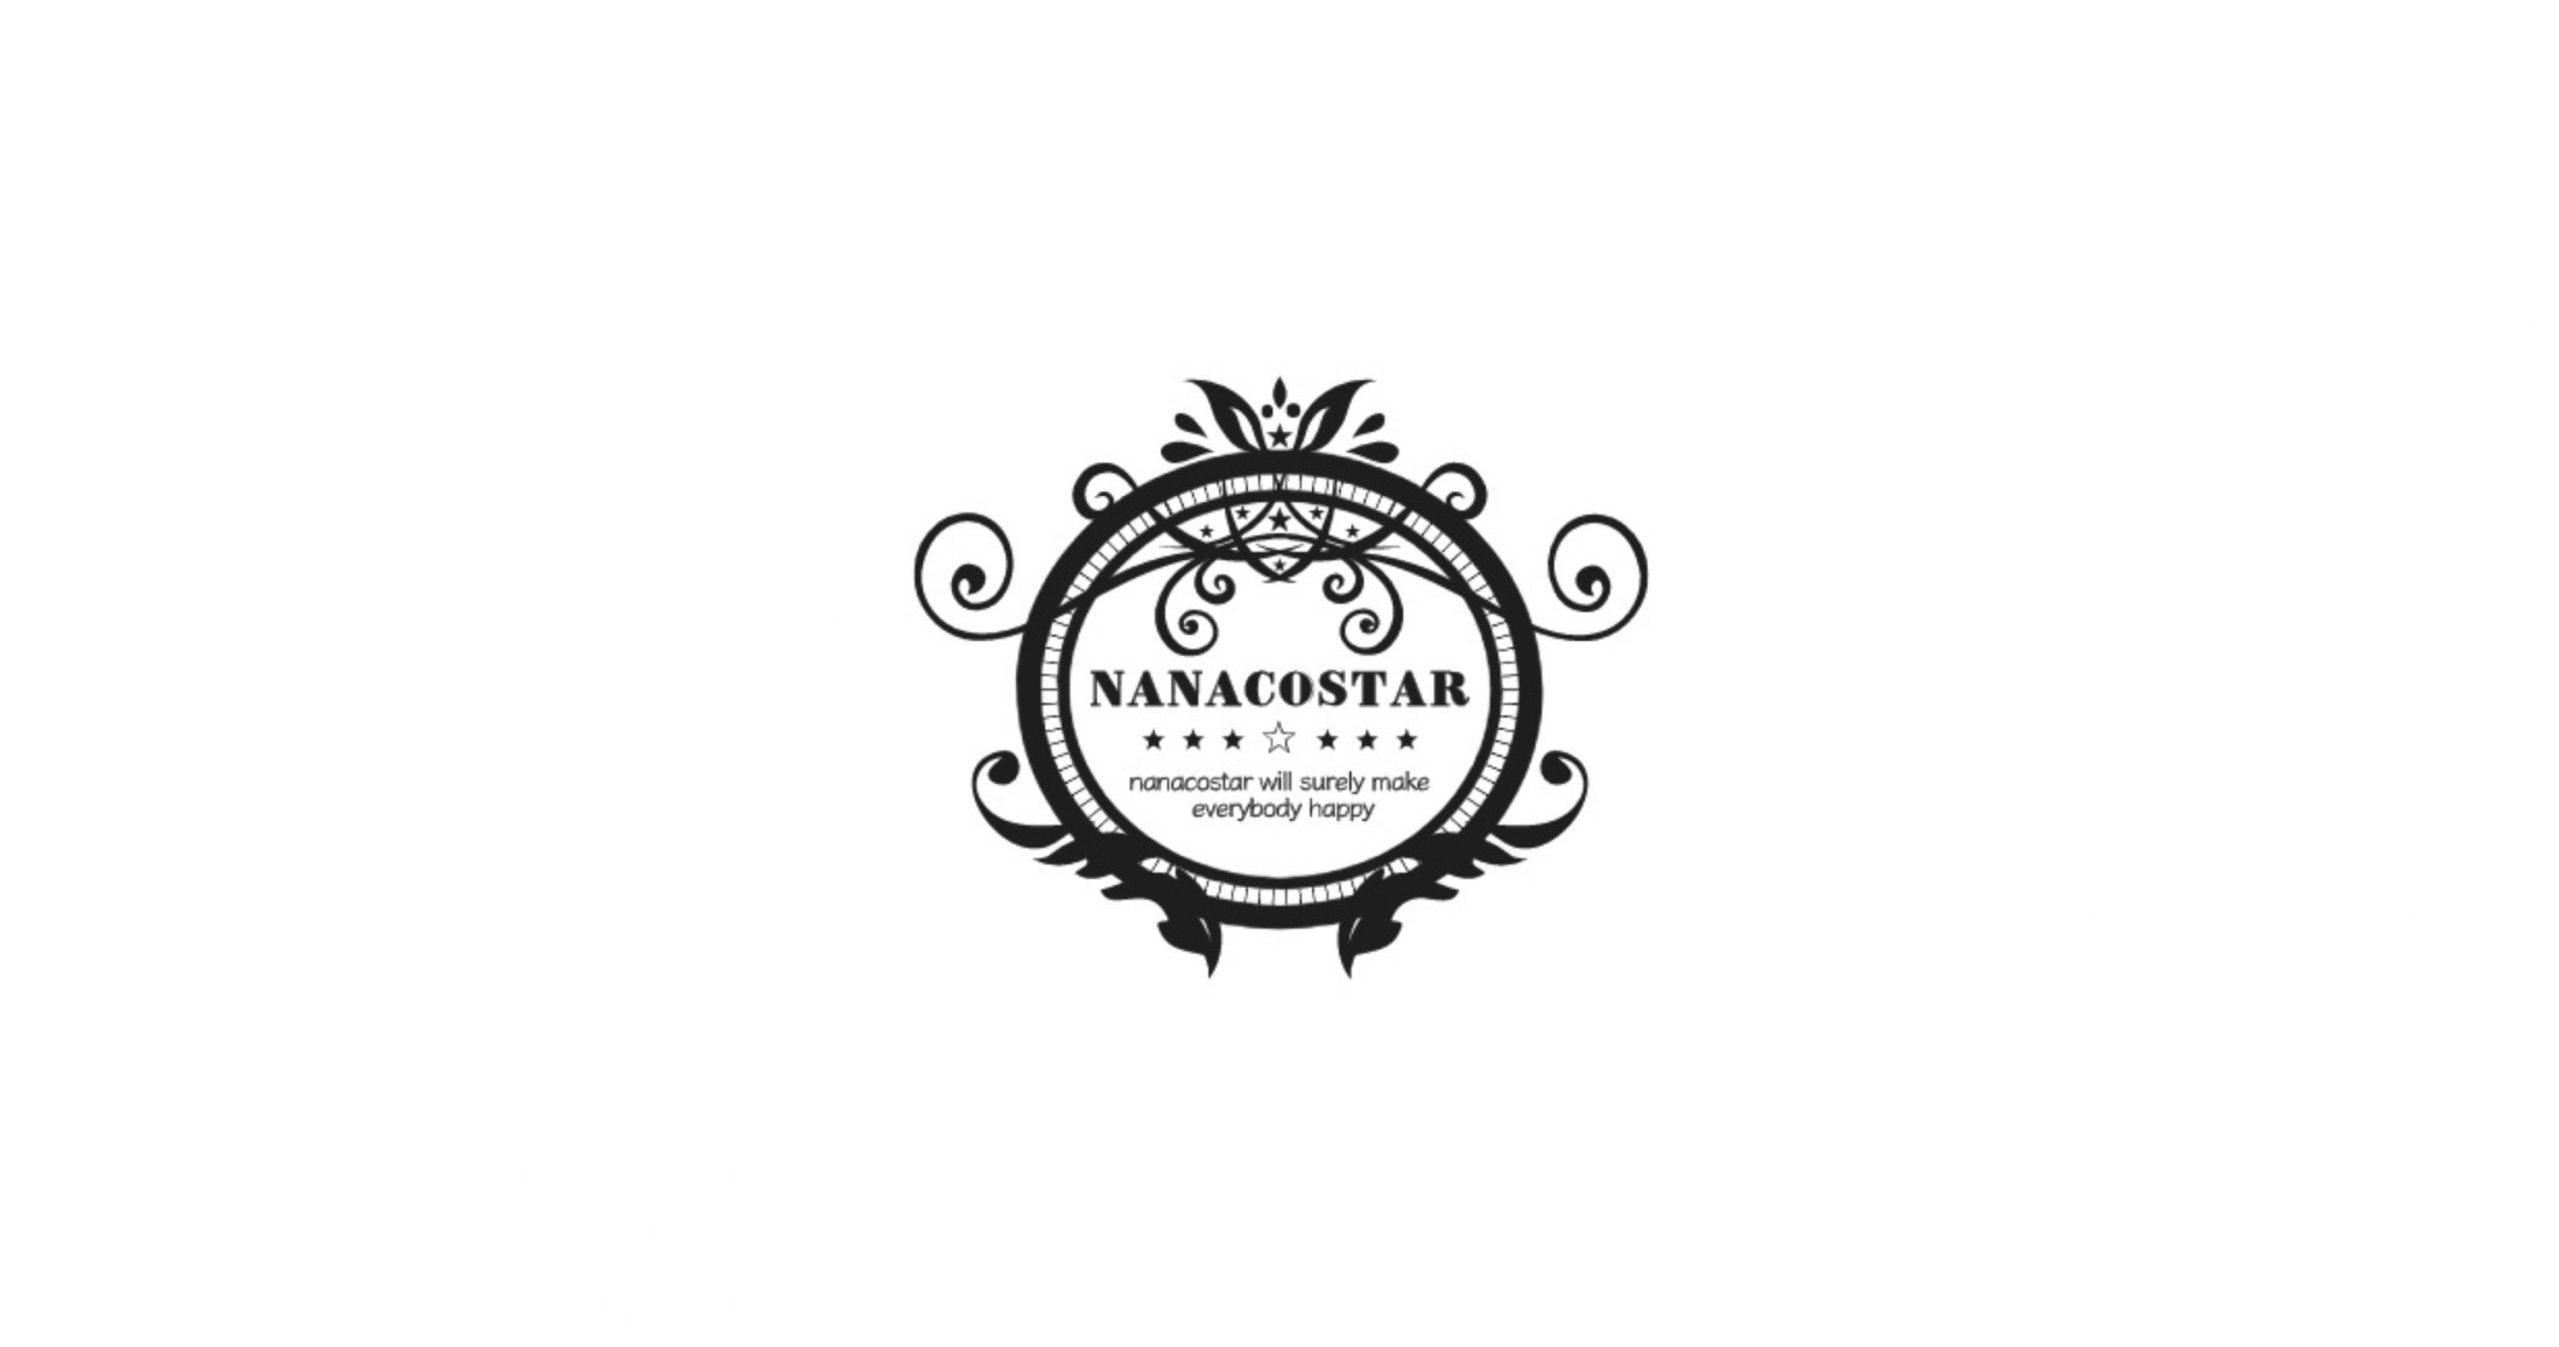 NANACOSTAR magazine